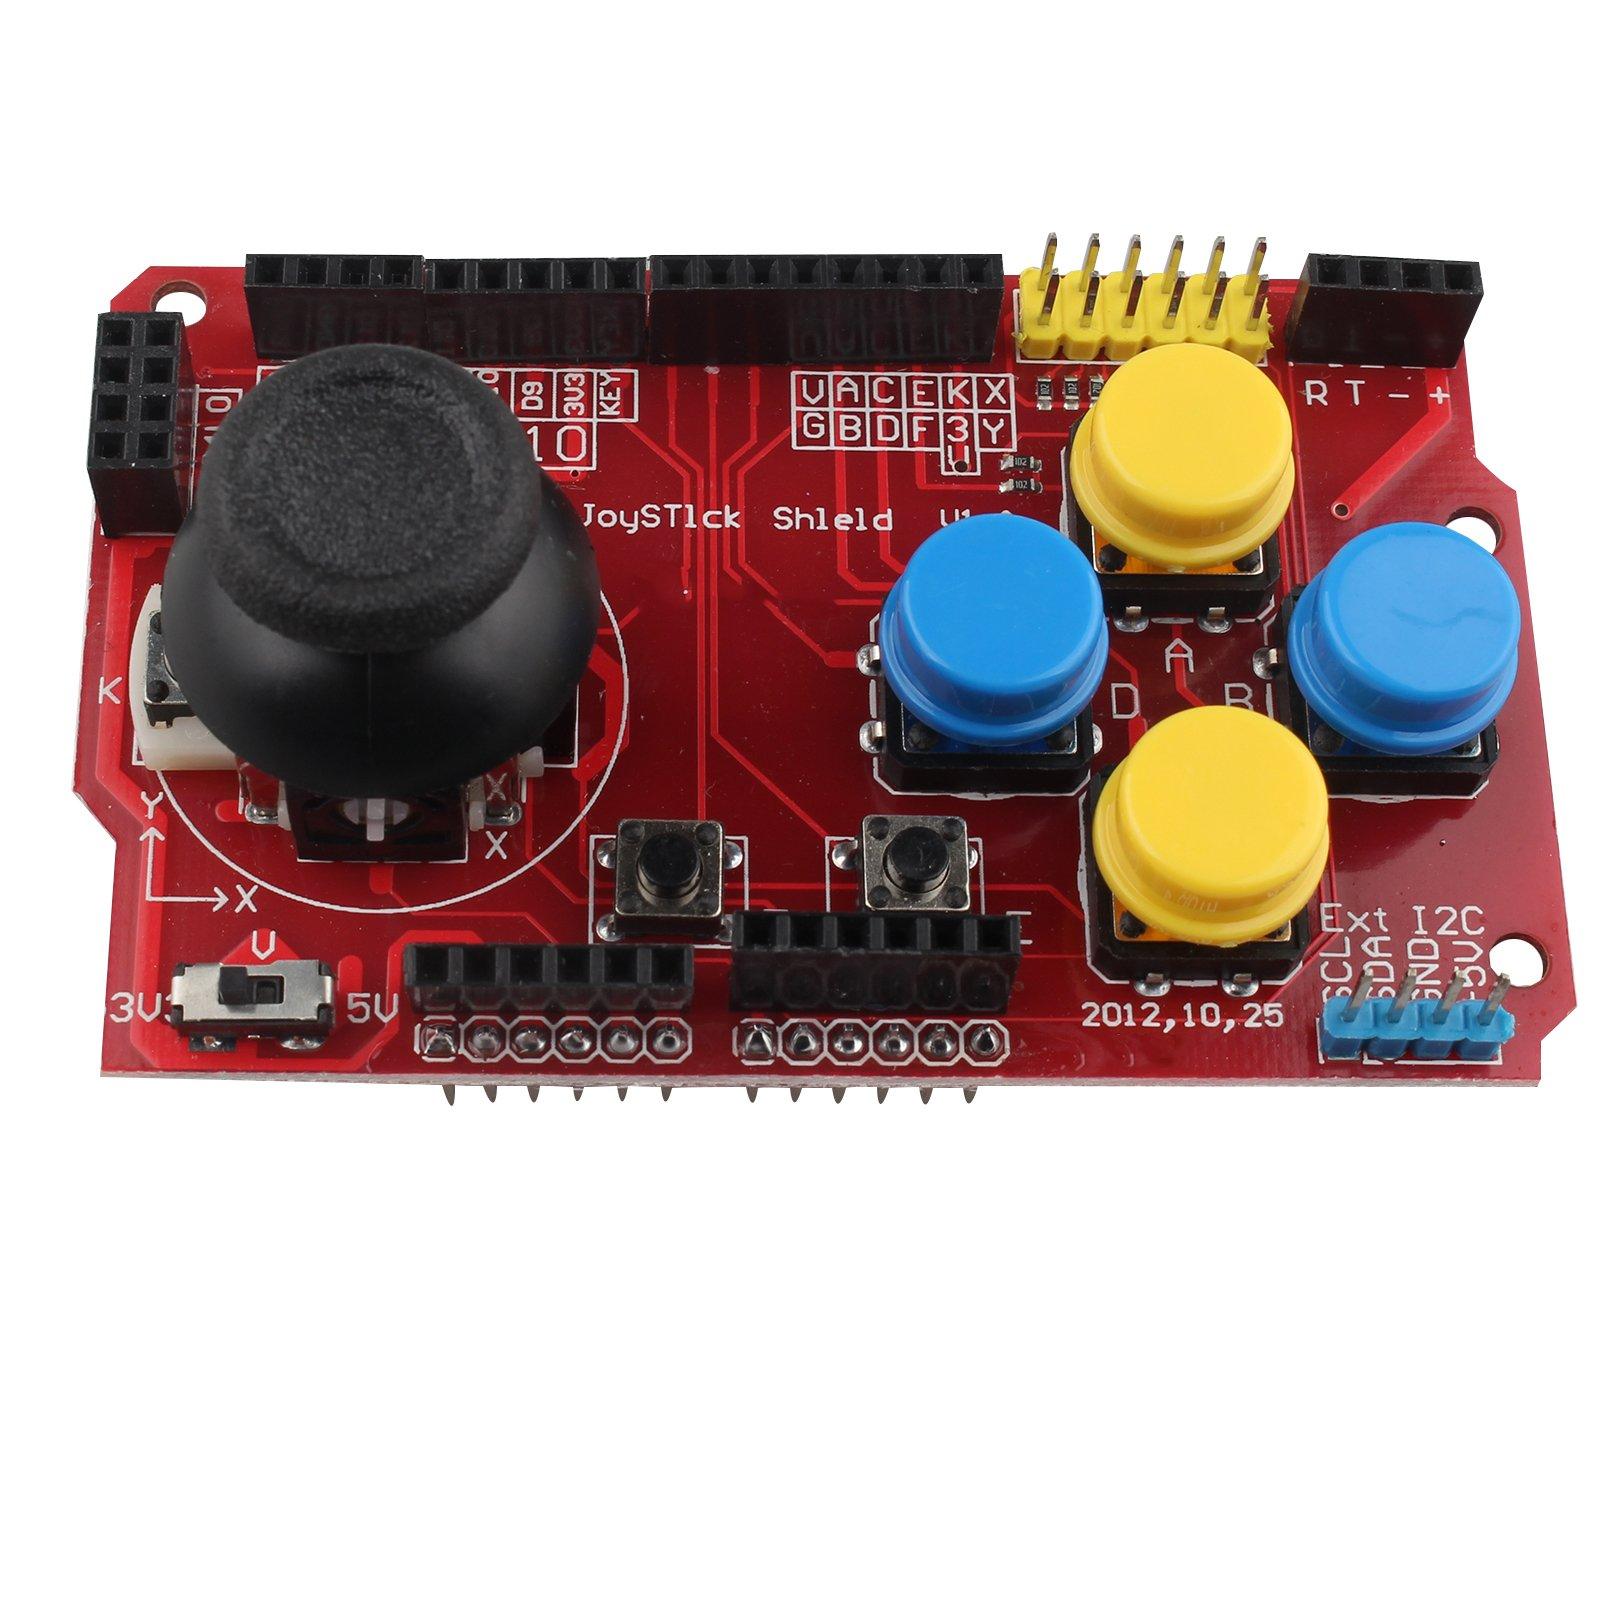 Gamepads Joystick Teclado Escudo Ps2 Para Arduino Nrf24l01 Nokia 5110 Lcd I2c